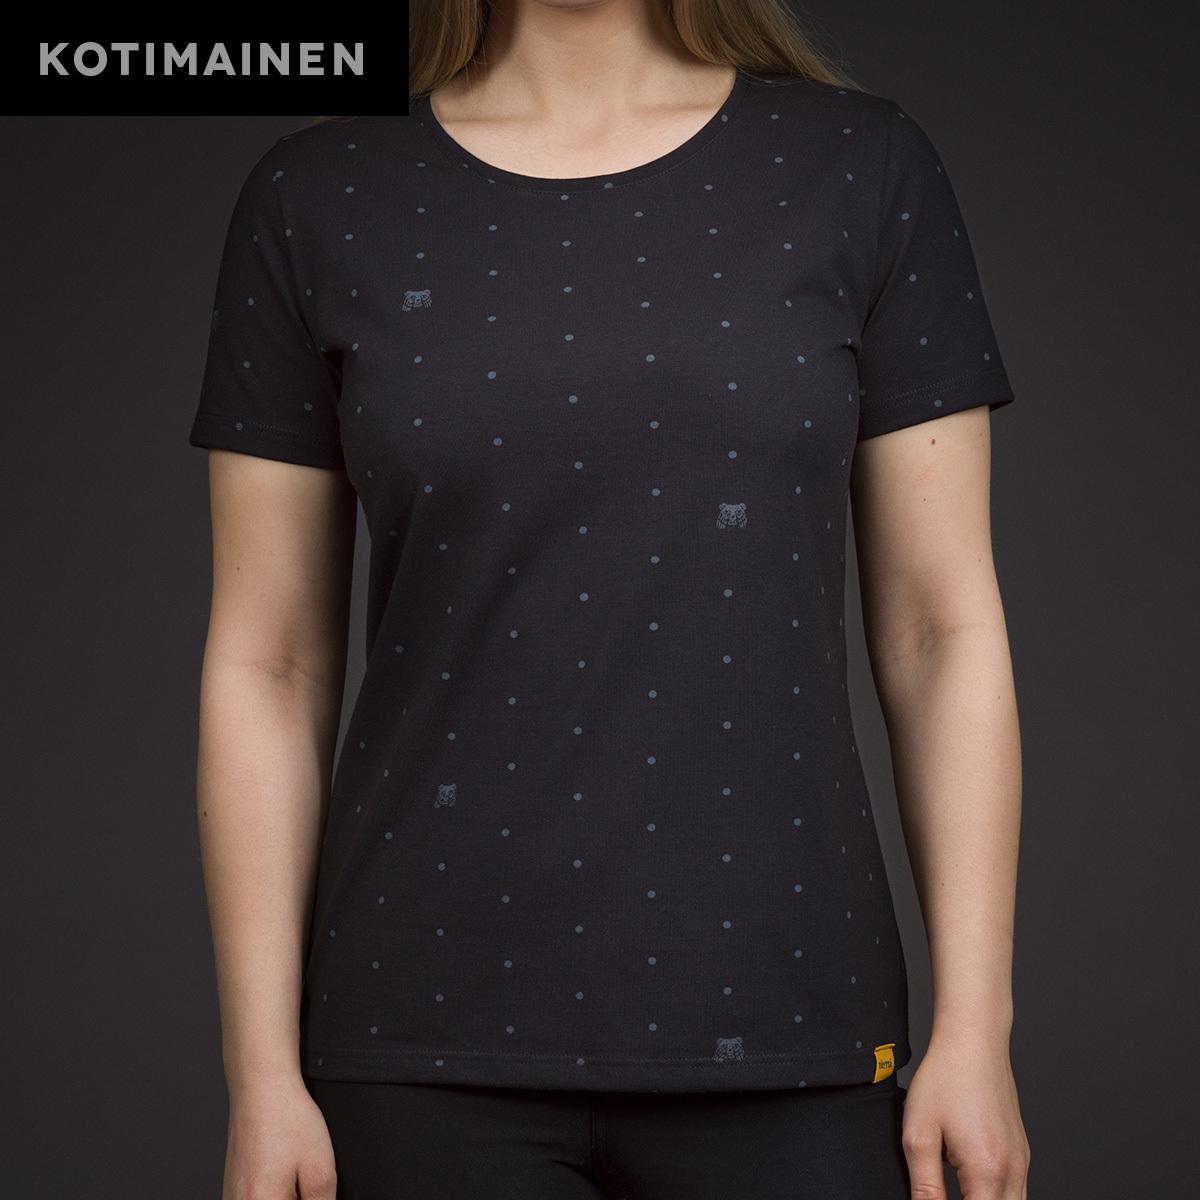 Pikkukarhu - Naisten paita 22807c7a97